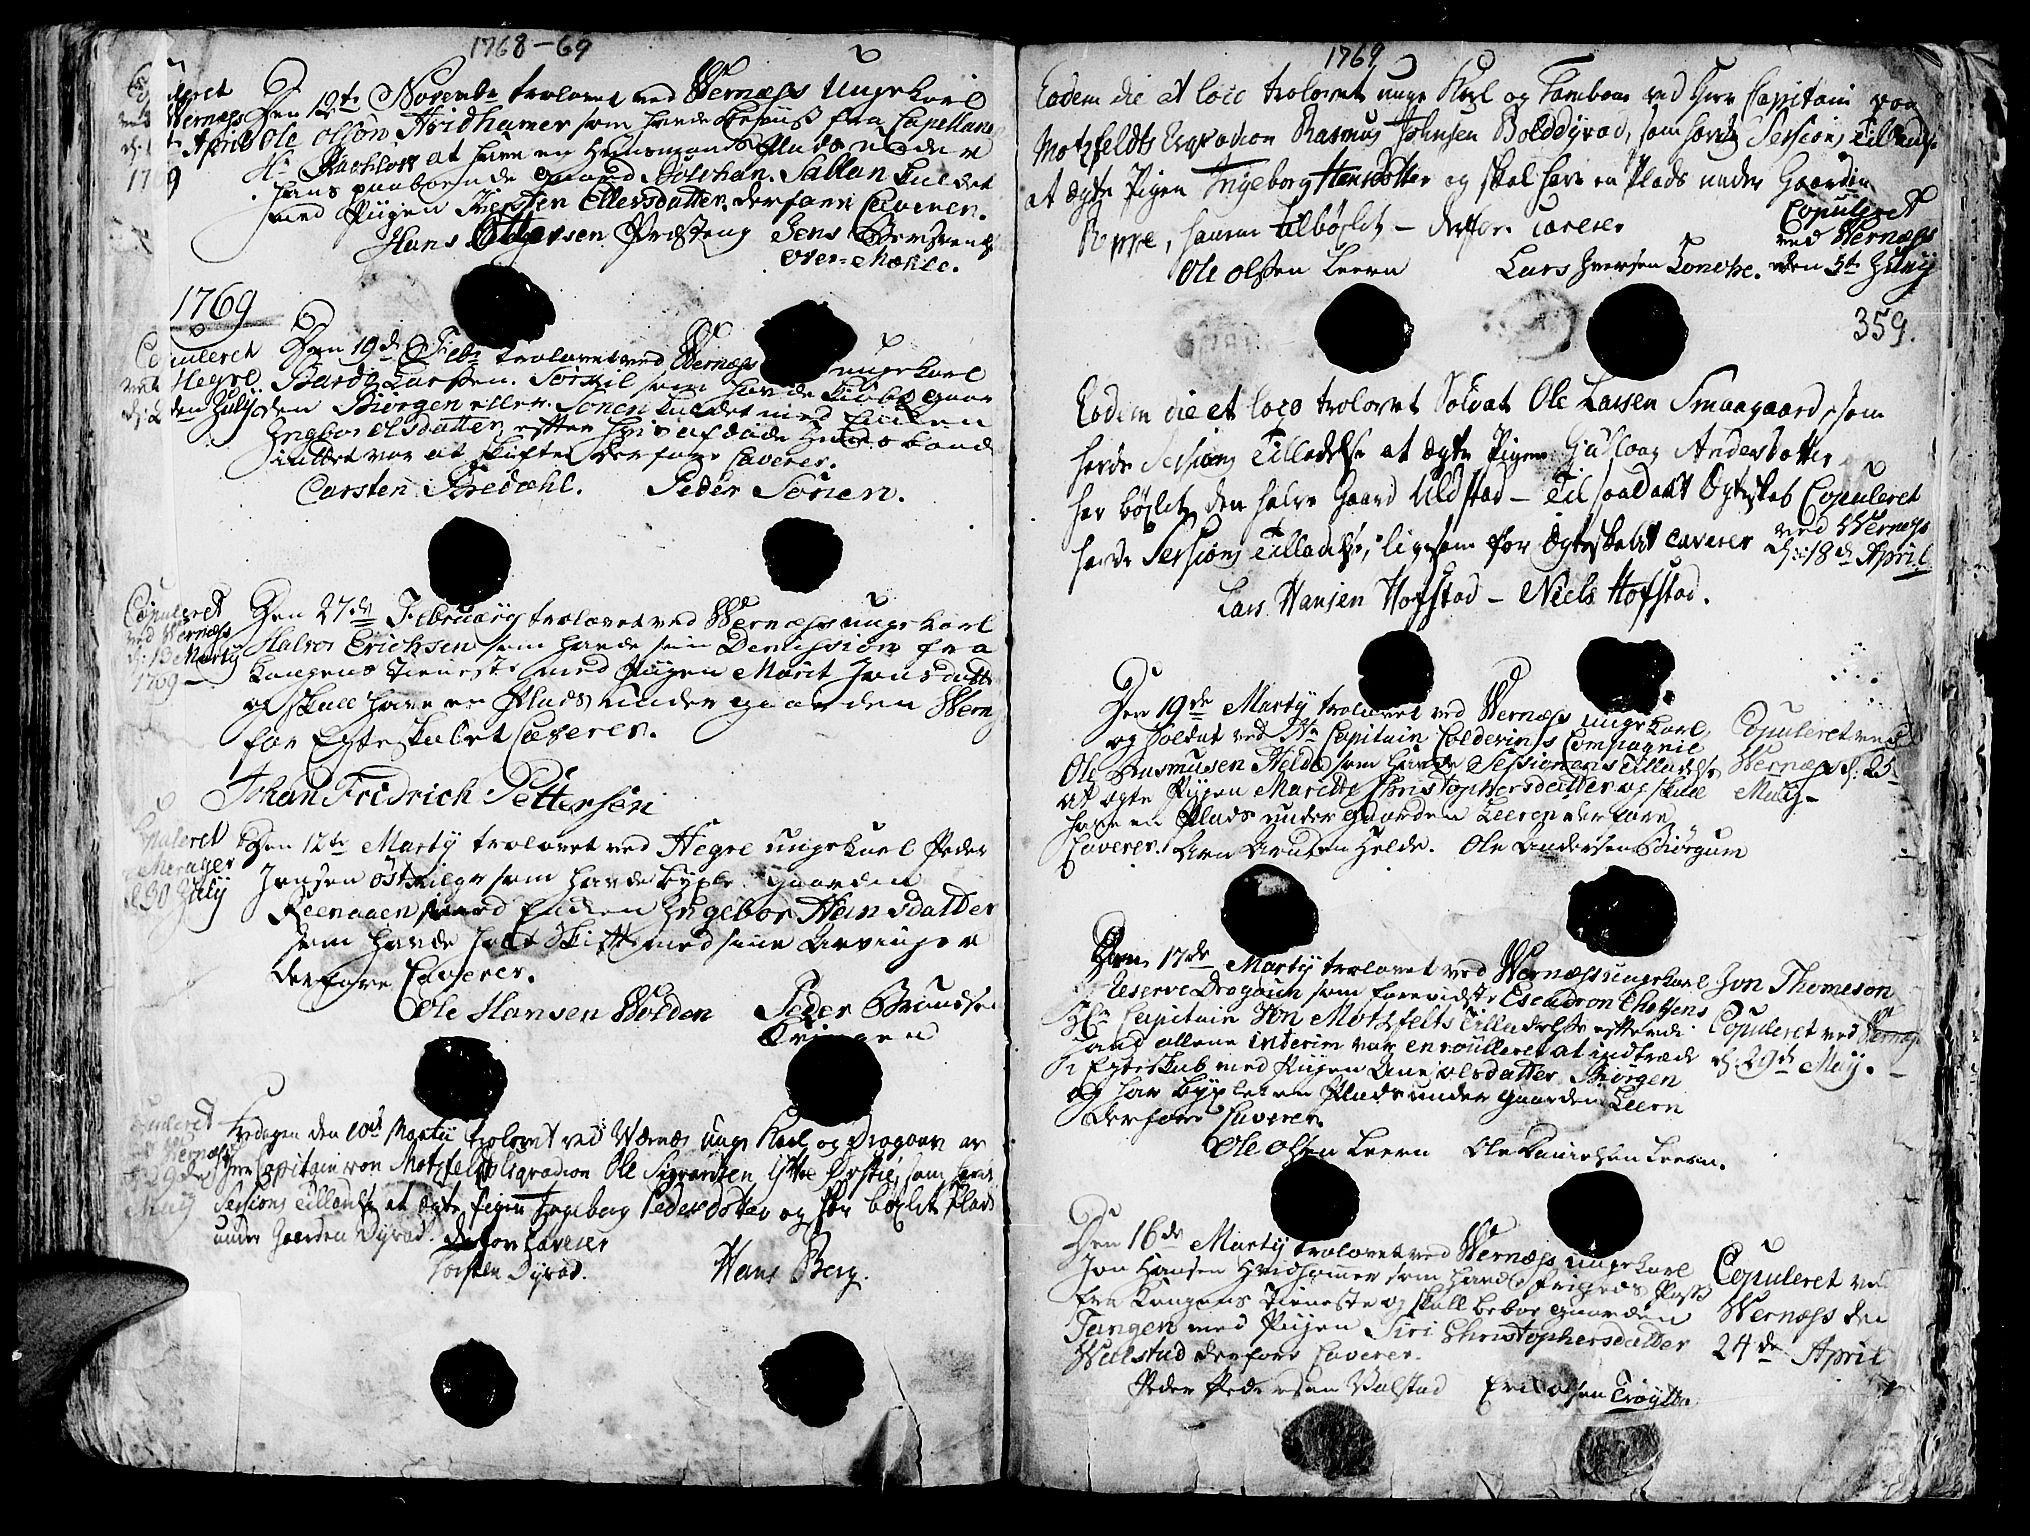 SAT, Ministerialprotokoller, klokkerbøker og fødselsregistre - Nord-Trøndelag, 709/L0057: Ministerialbok nr. 709A05, 1755-1780, s. 359